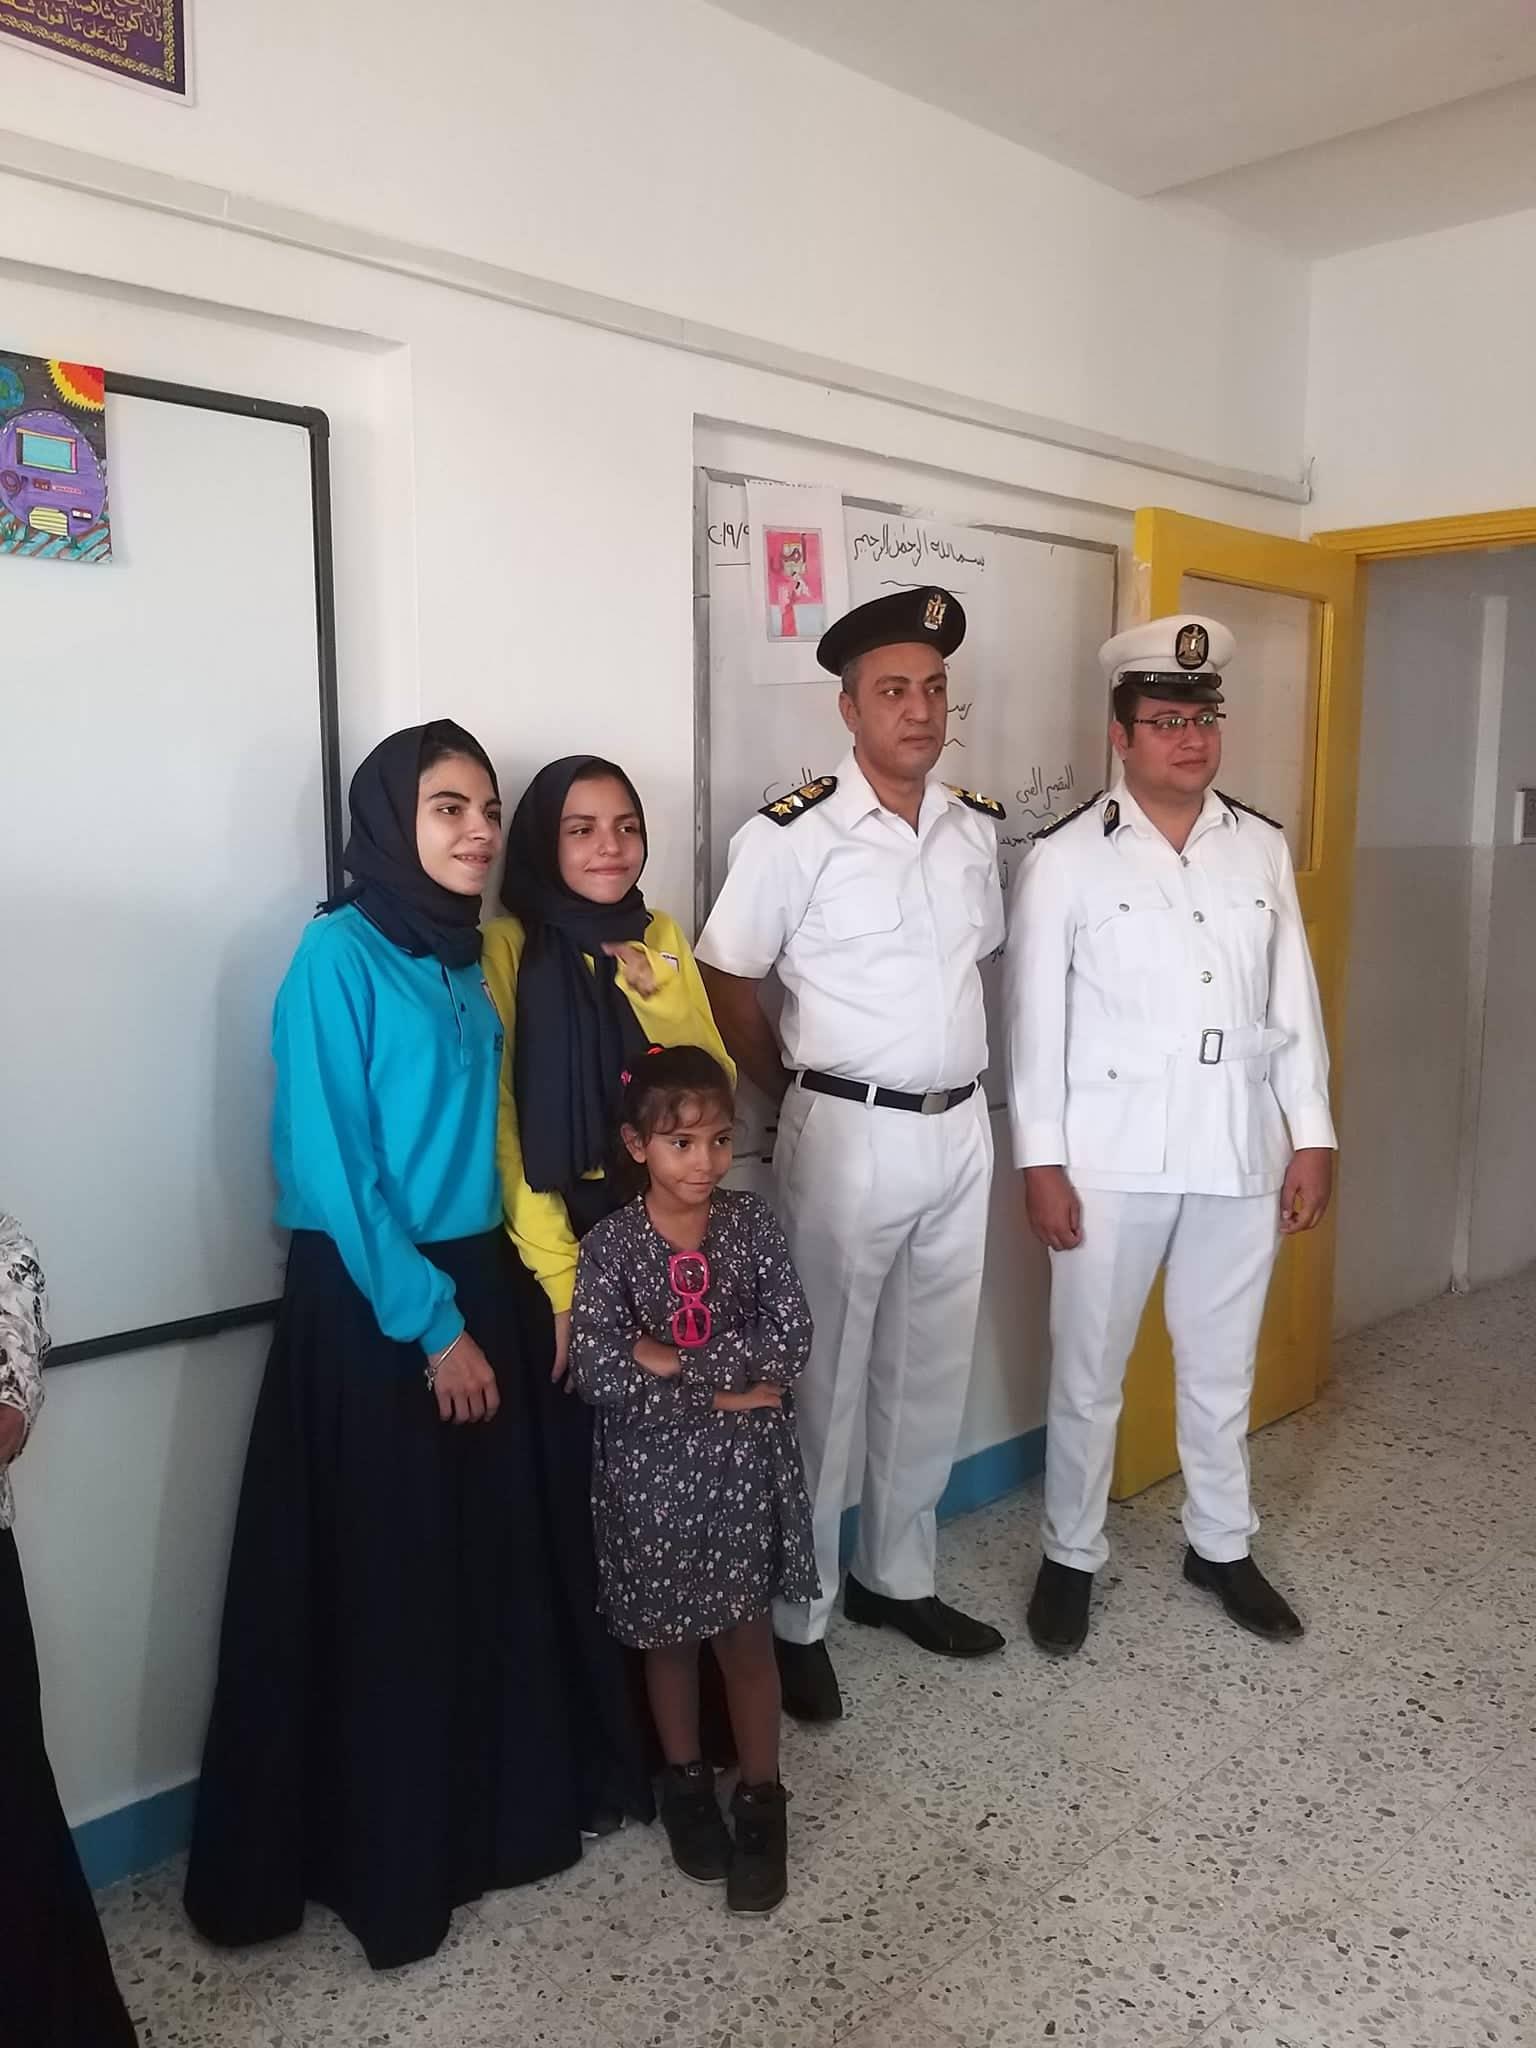 ضباط فى مدرسة بنات الشهيد هشام عزب  (8)